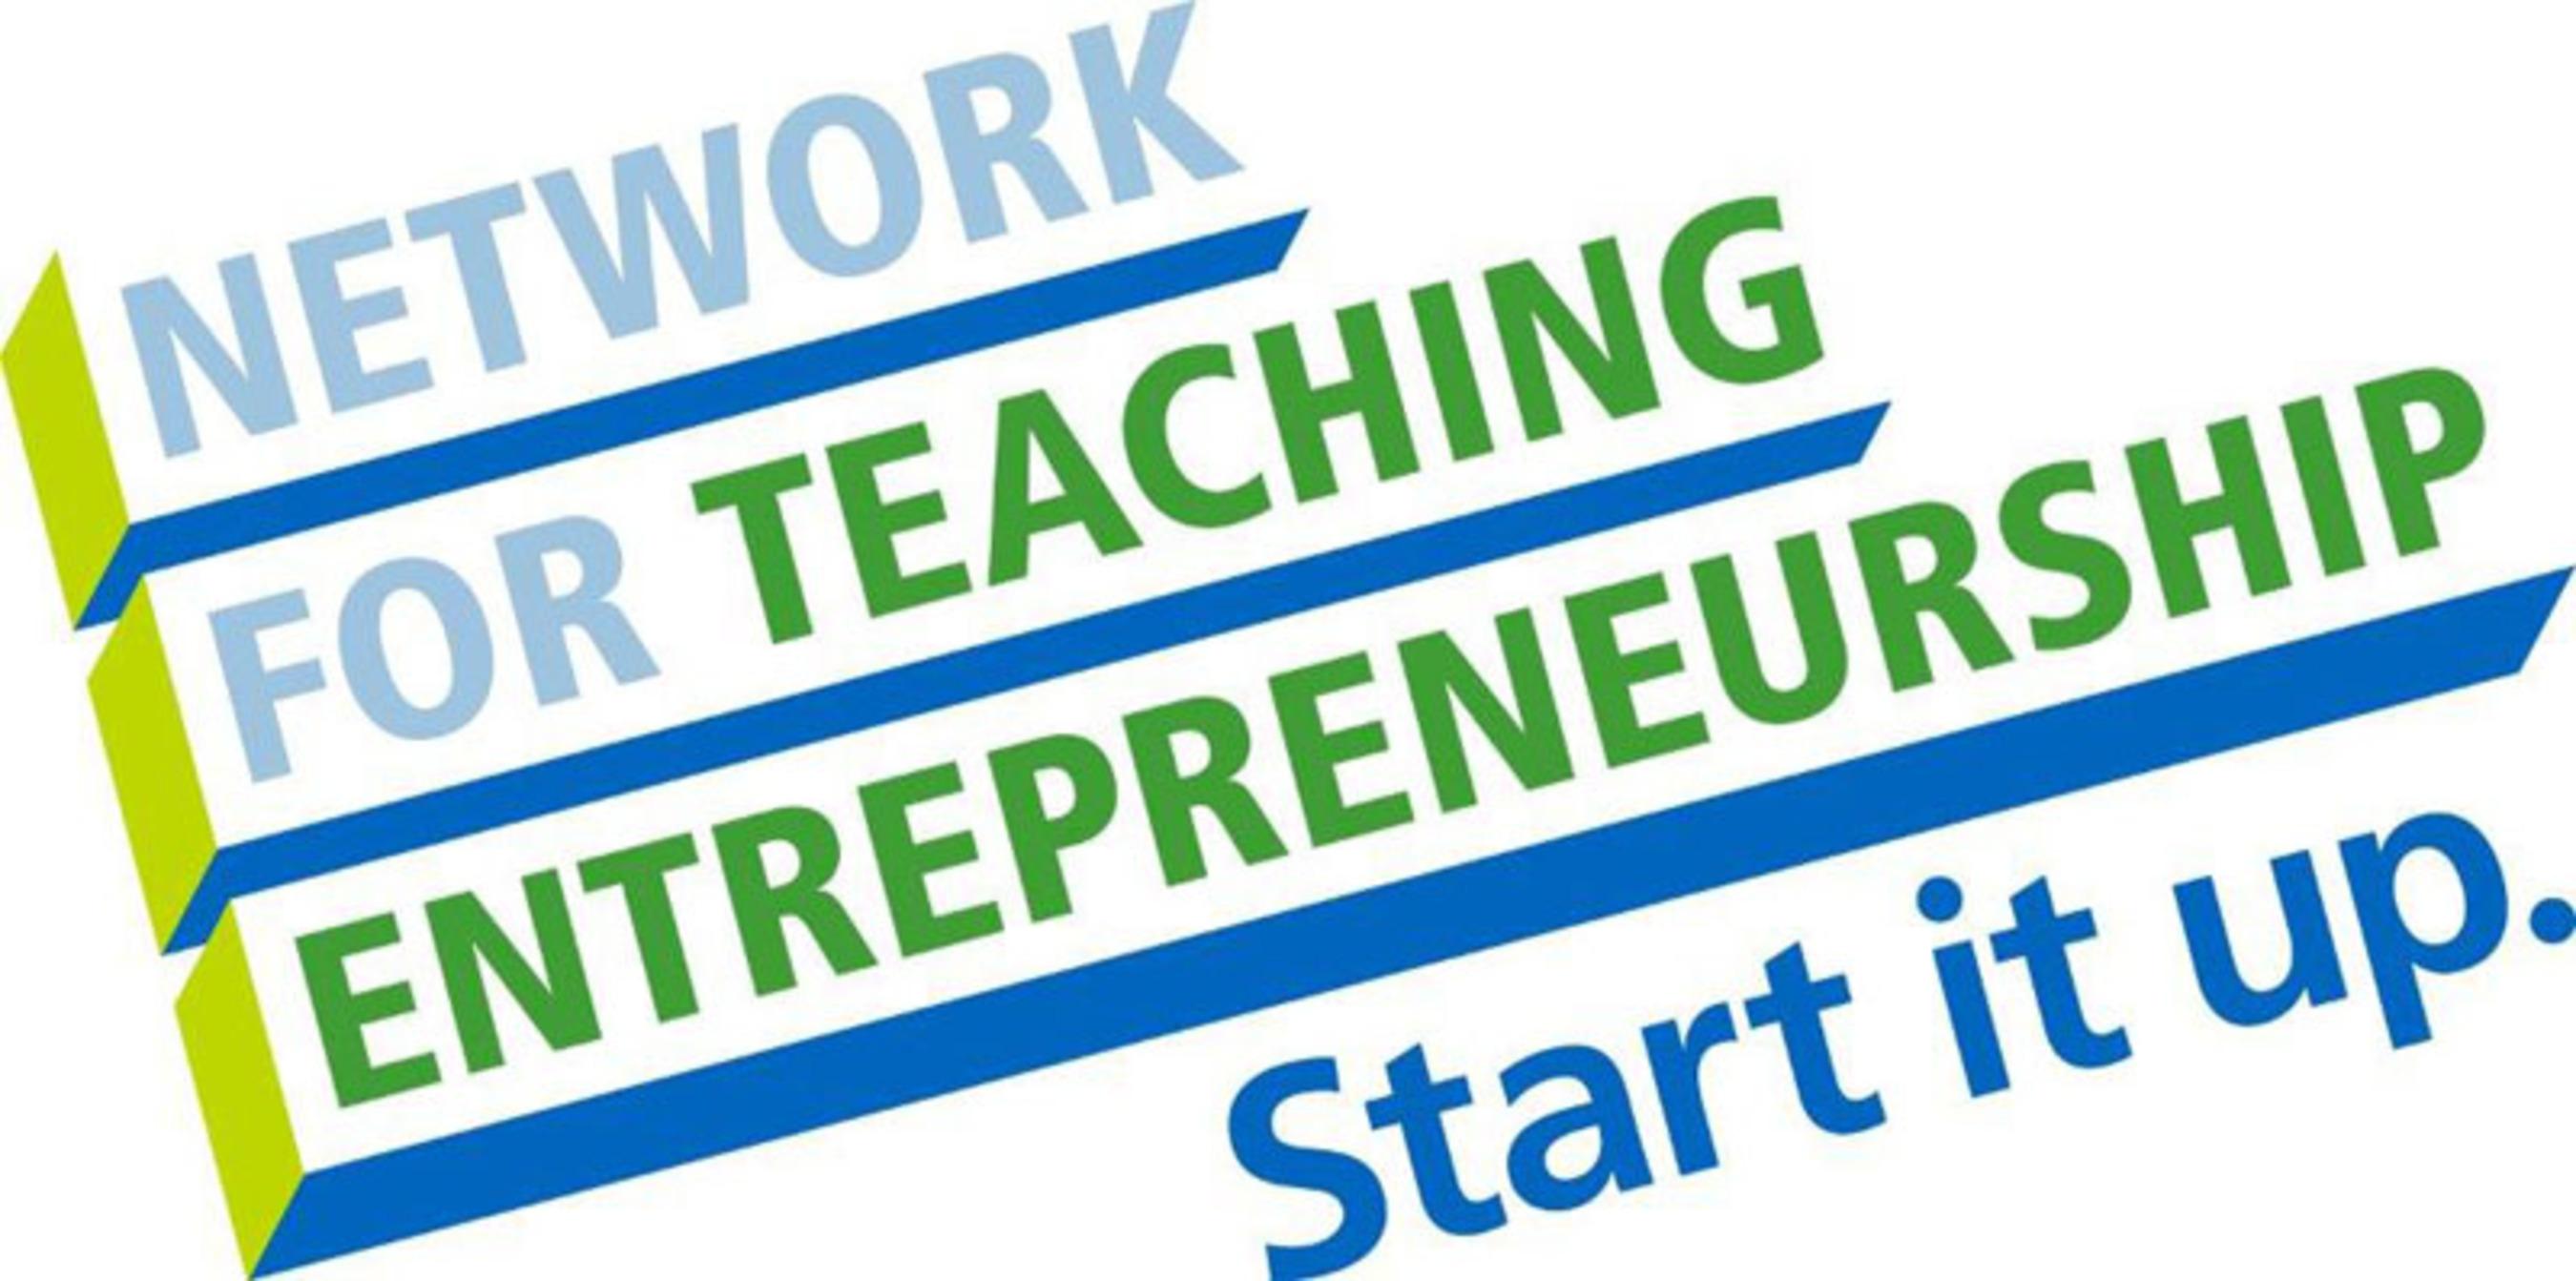 Network for Teaching Entrepreneurship Launches International, Online Innovation Challenge